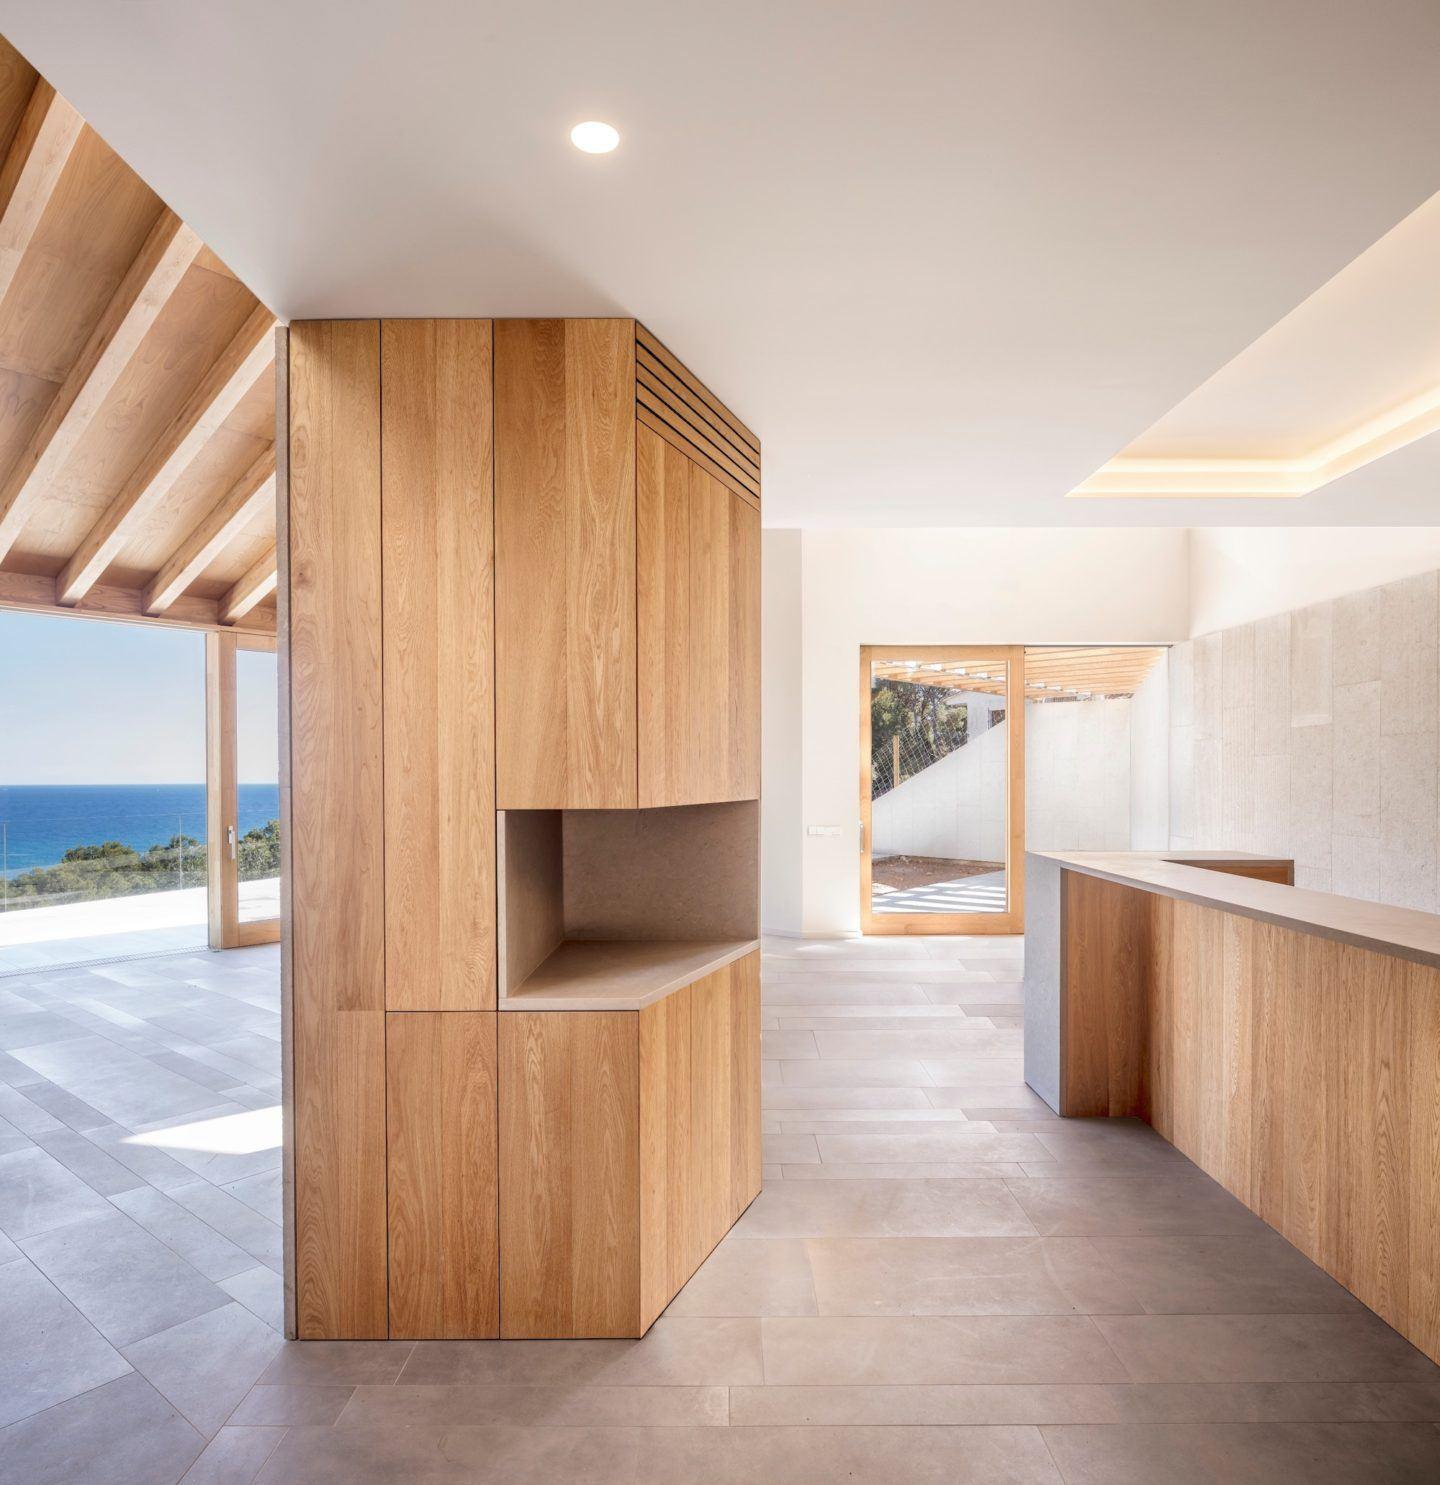 IGNANT-Architecture-5AM-Arquitectura-House-In-Tamariu-006